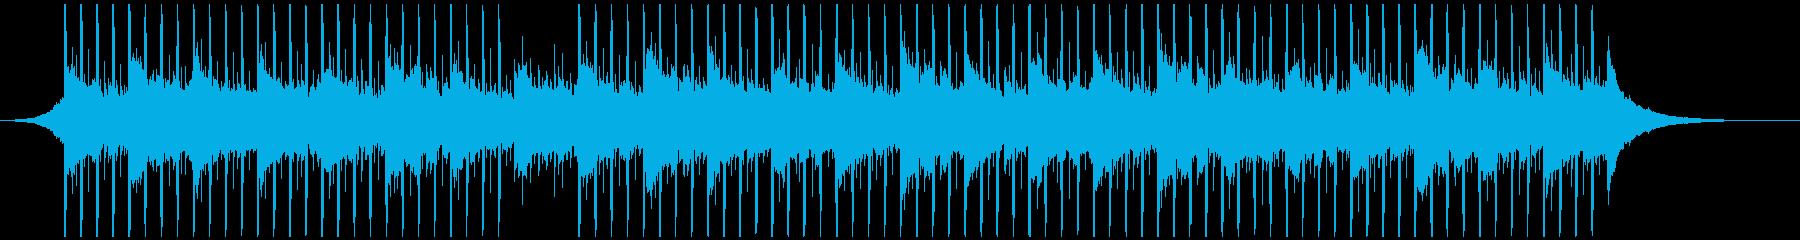 コーポレートプレゼンテーション(60秒)の再生済みの波形